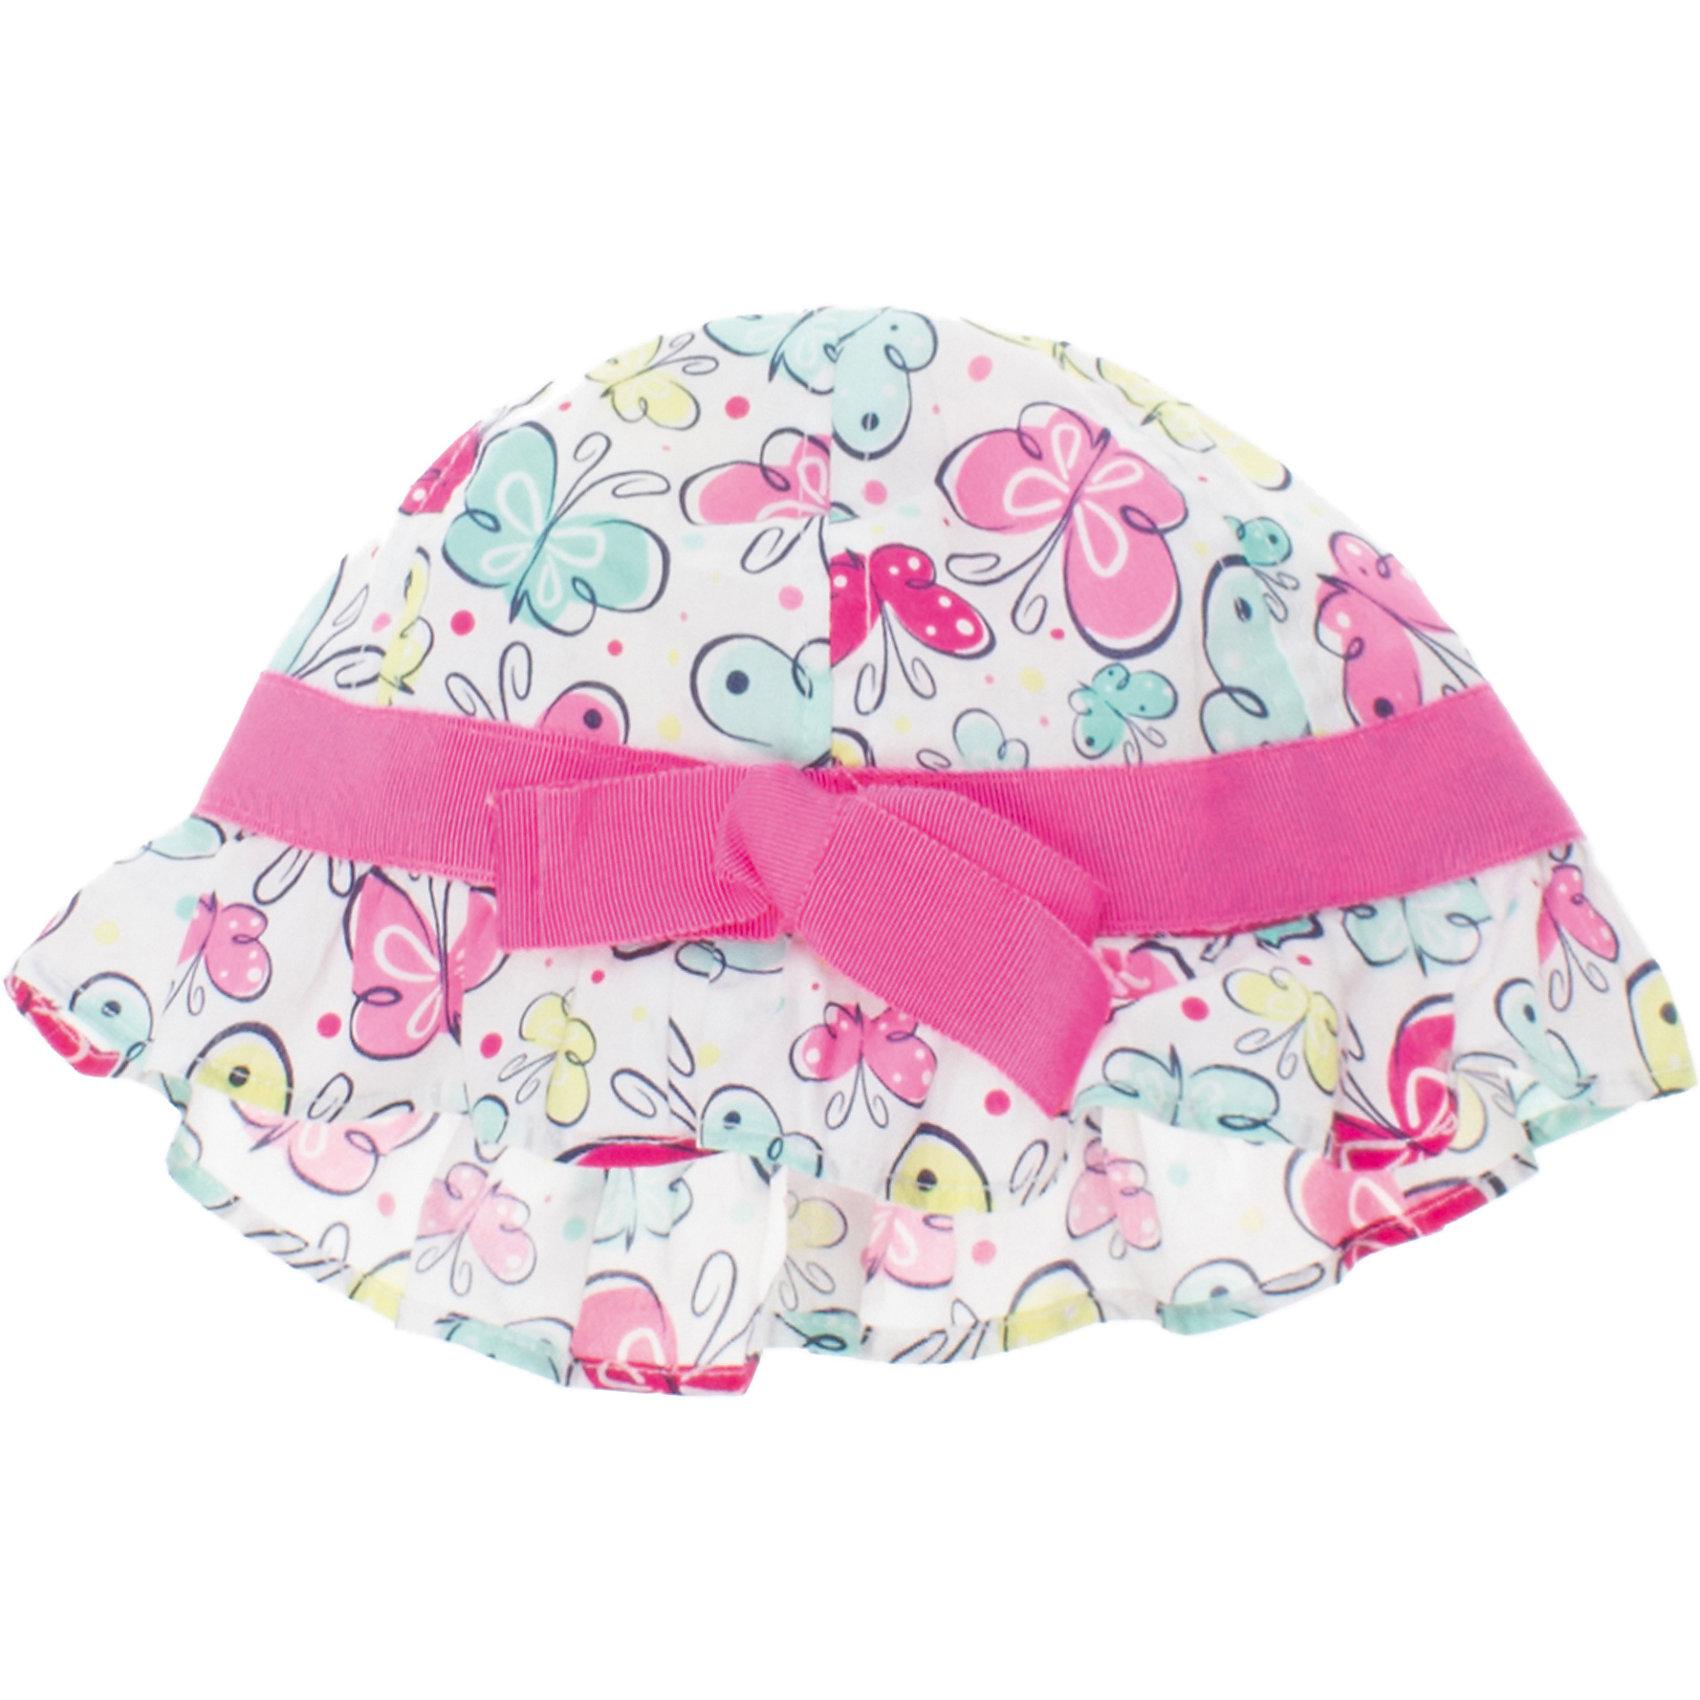 Панама для девочки PlayTodayШапочки<br>Панама для девочки PlayToday <br><br>Состав: 100% хлопок <br><br>Розовая окантовка.<br>Набивная ткань с бабочками.<br><br>Ширина мм: 89<br>Глубина мм: 117<br>Высота мм: 44<br>Вес г: 155<br>Цвет: разноцветный<br>Возраст от месяцев: 12<br>Возраст до месяцев: 18<br>Пол: Женский<br>Возраст: Детский<br>Размер: 46,48<br>SKU: 4503264